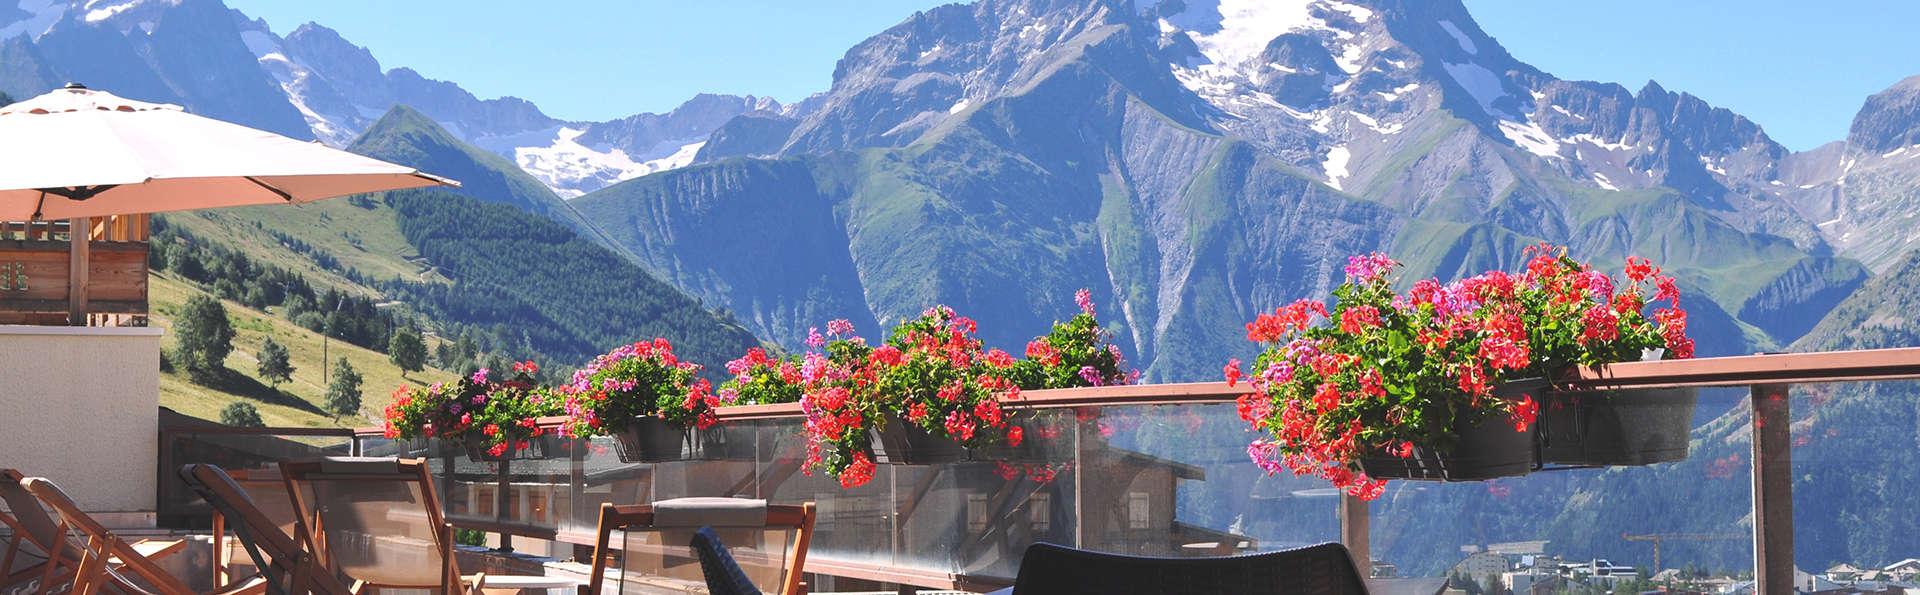 Hôtel Mercure Les Deux Alpes 1800 - Edit_Terrace2.jpg